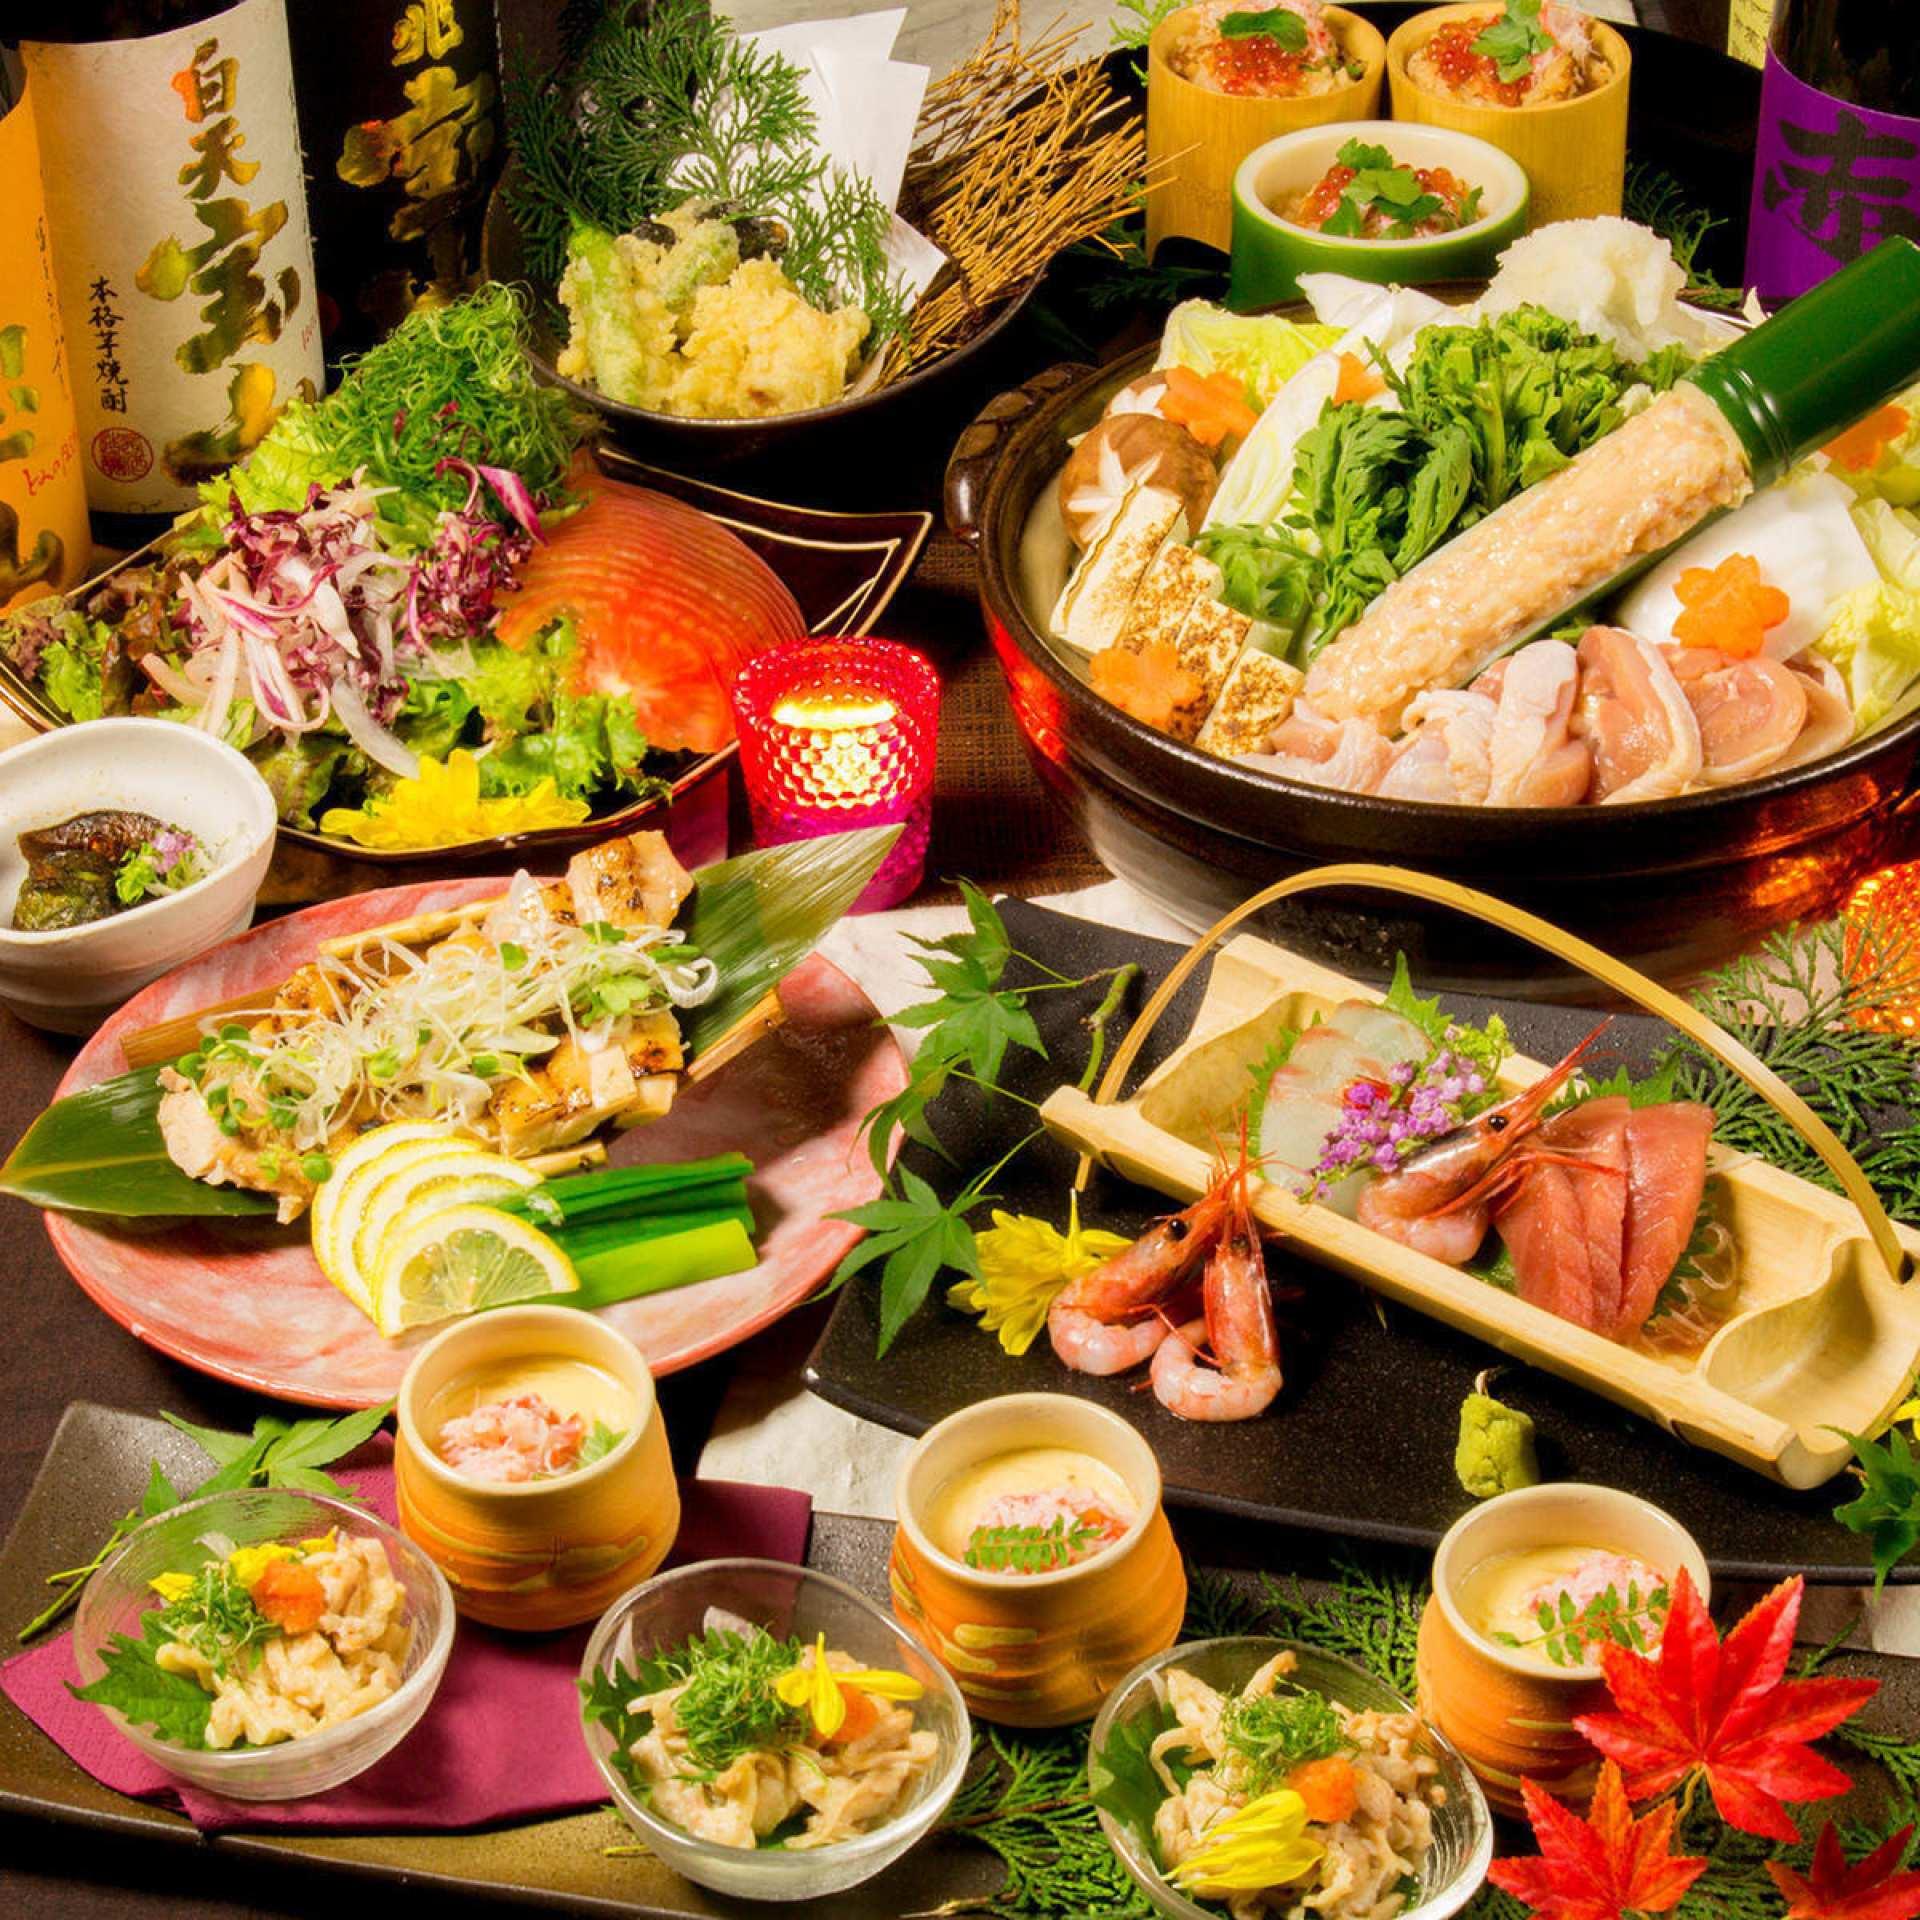 【東京美食】生魚片火鍋居酒屋・しののめ 八重洲 日本橋店